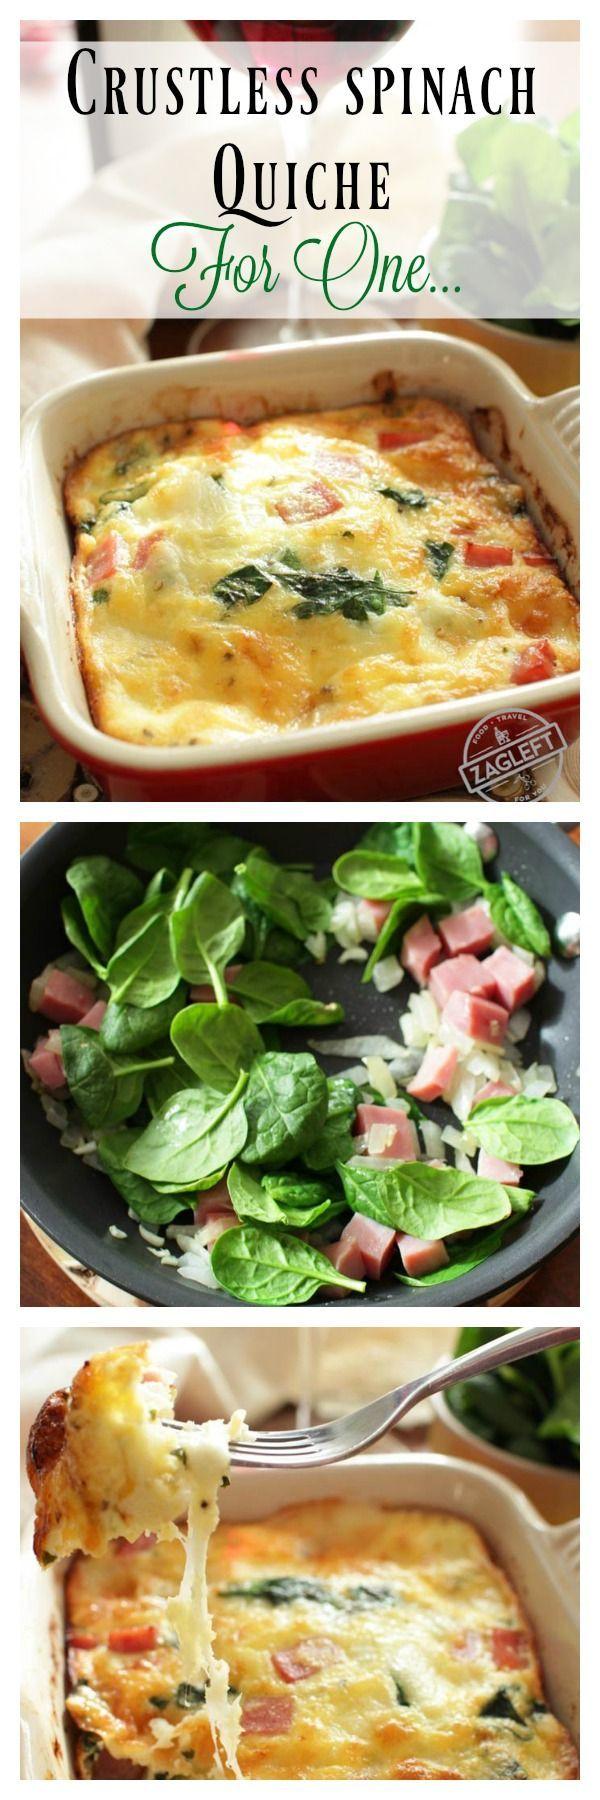 Crustless Spinach Quiche FOR ONE | zagleft.com